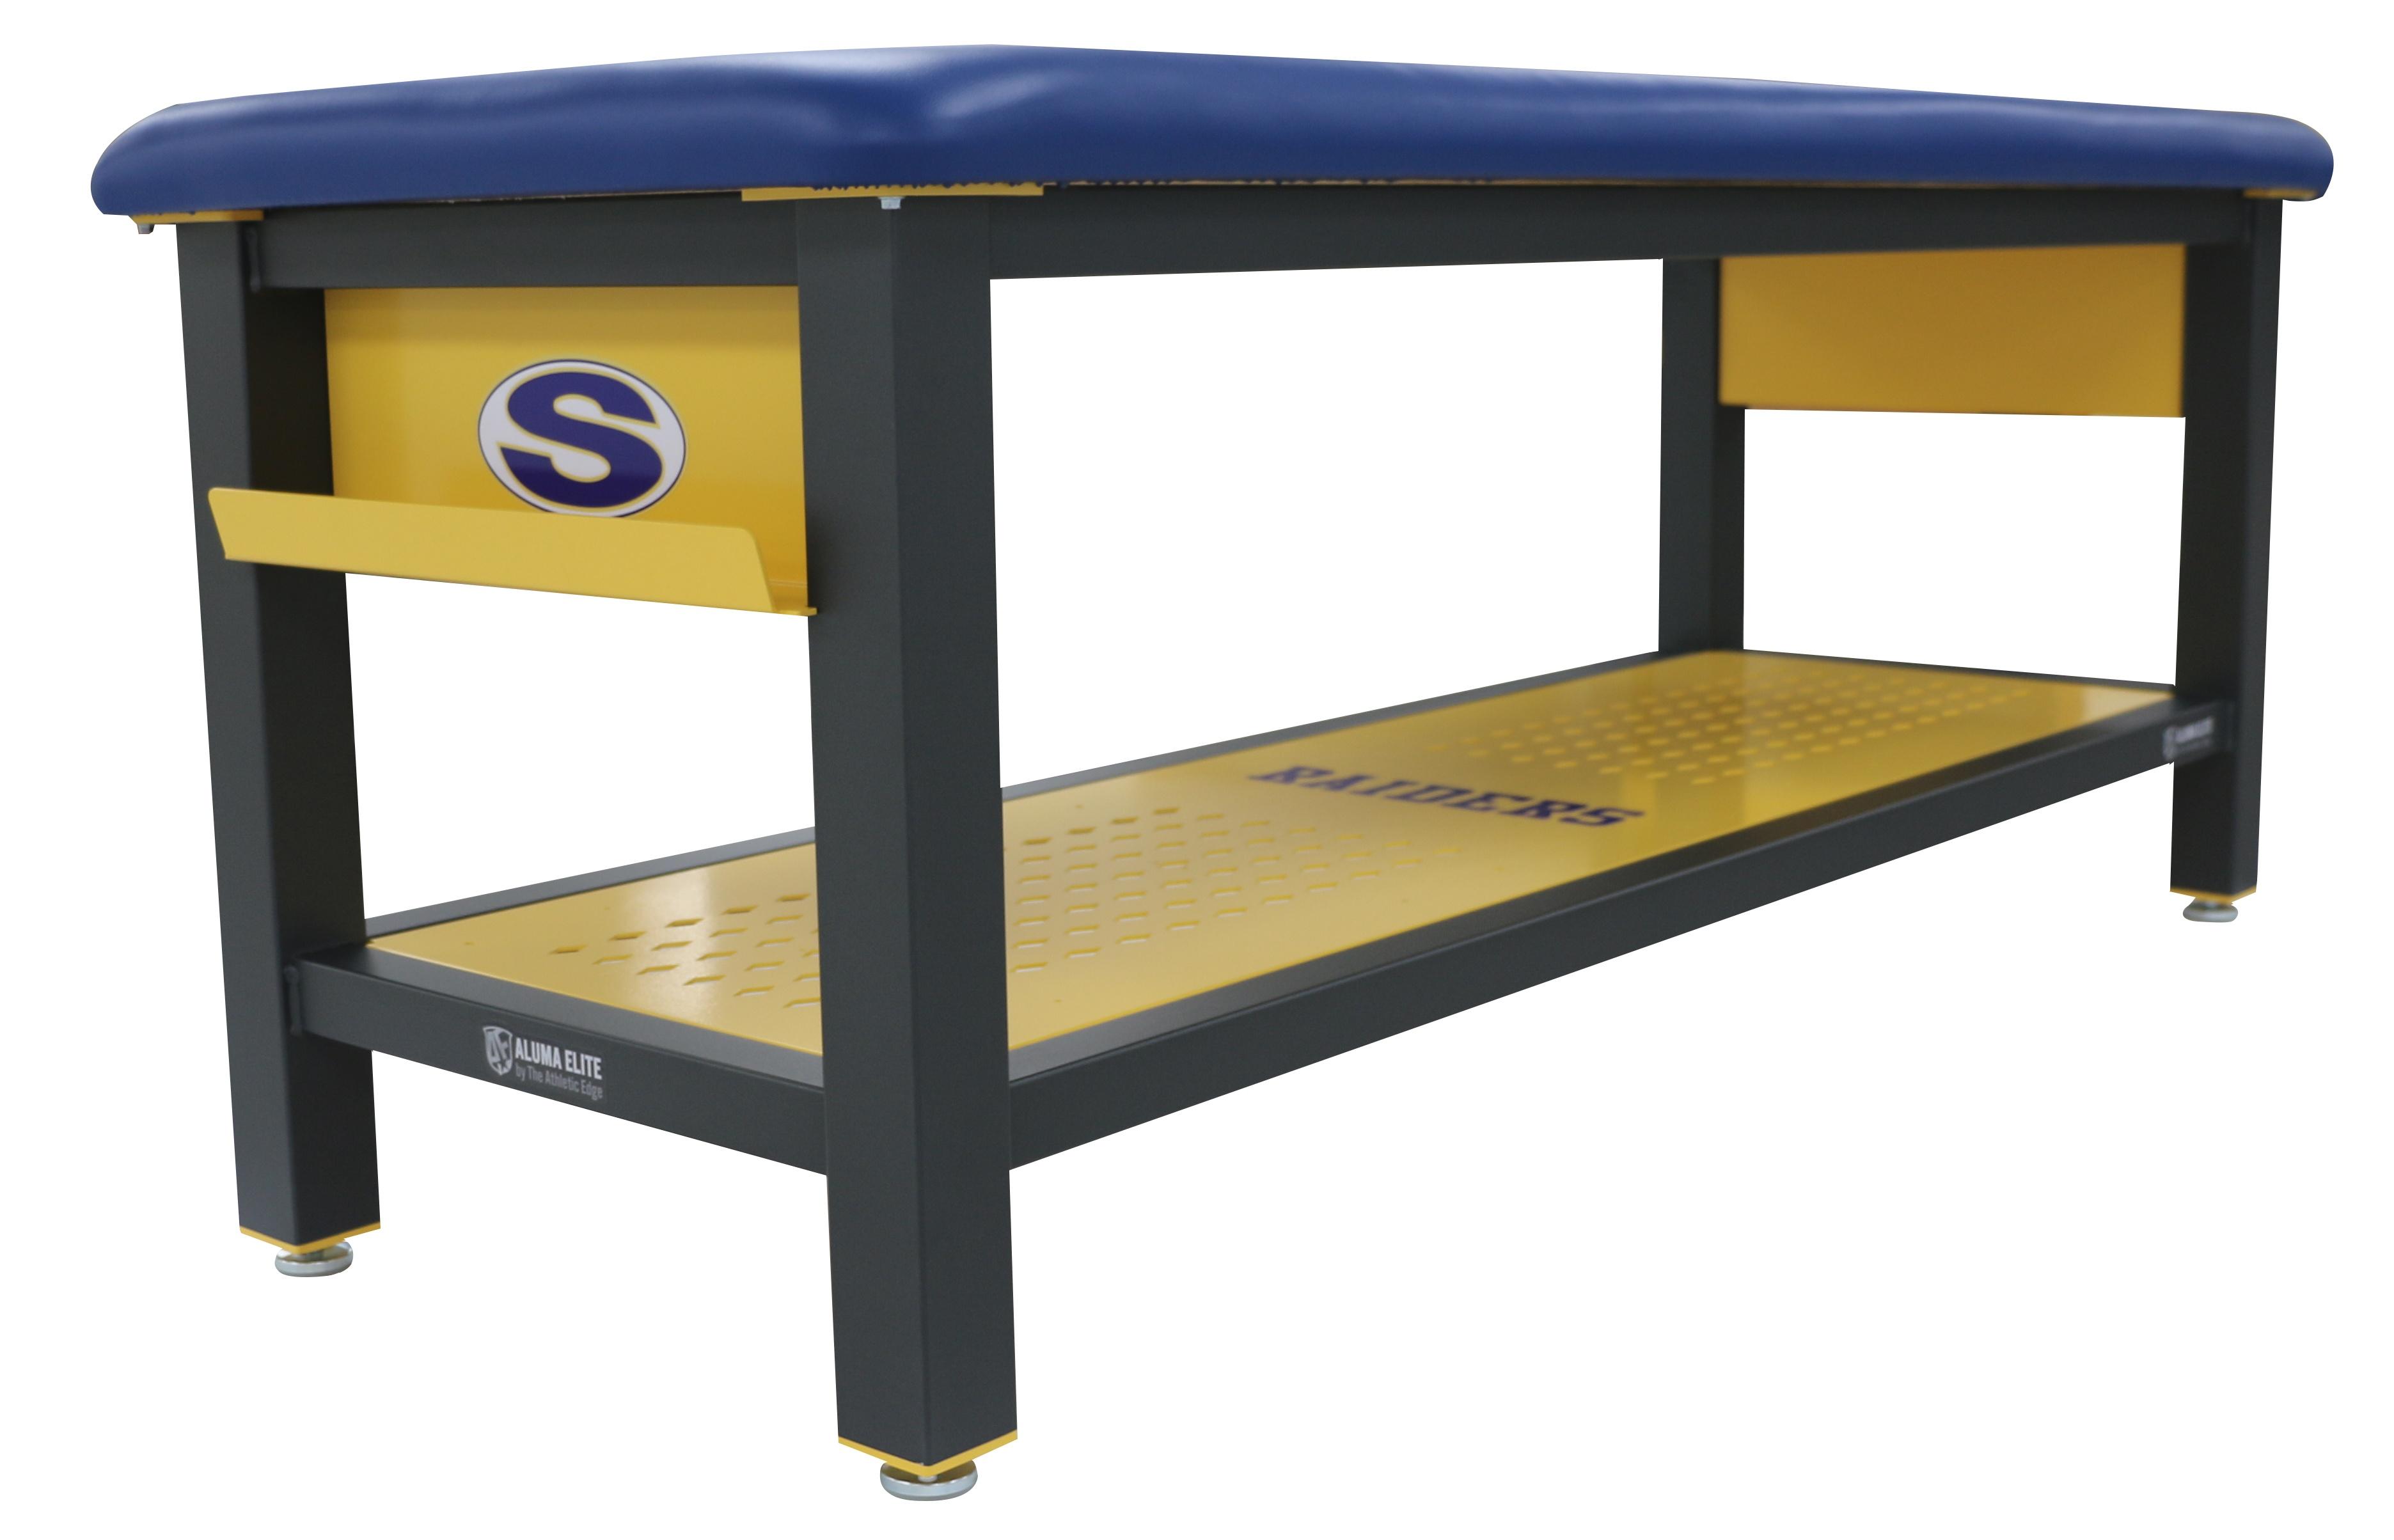 Sunnyvalle-Treatment Table